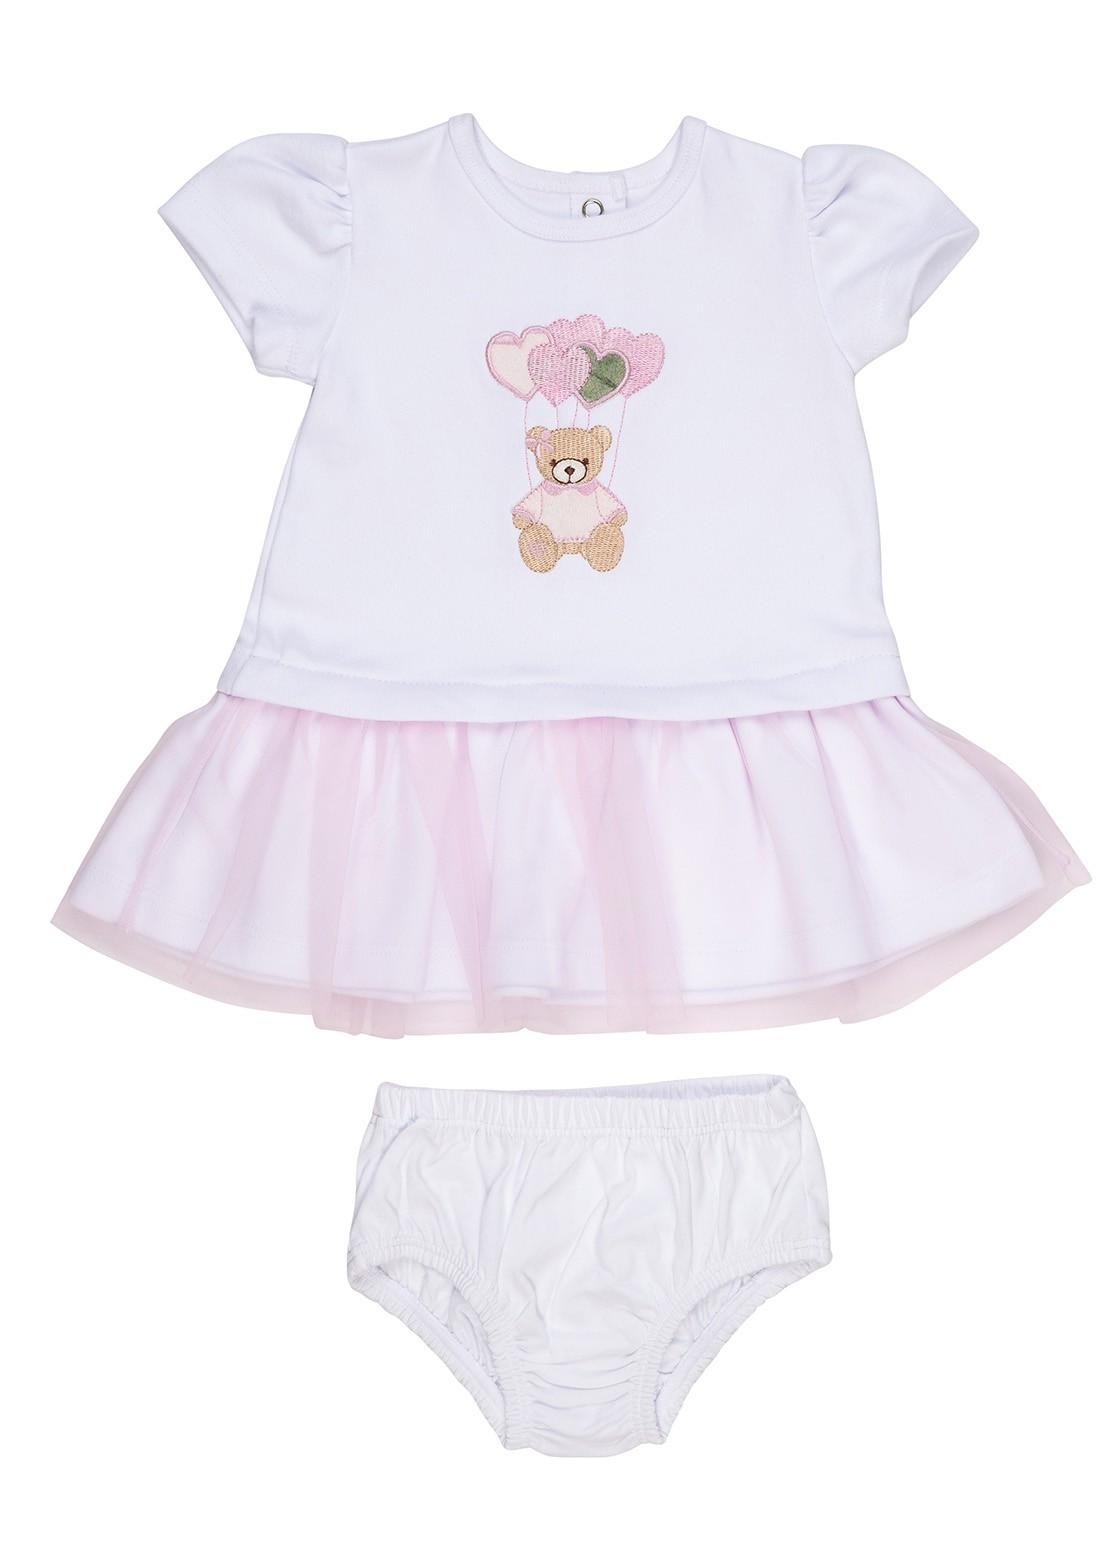 Vestido Bebê  Coquelicot  manga curta com calcinha Ursinha Branco e Rosa